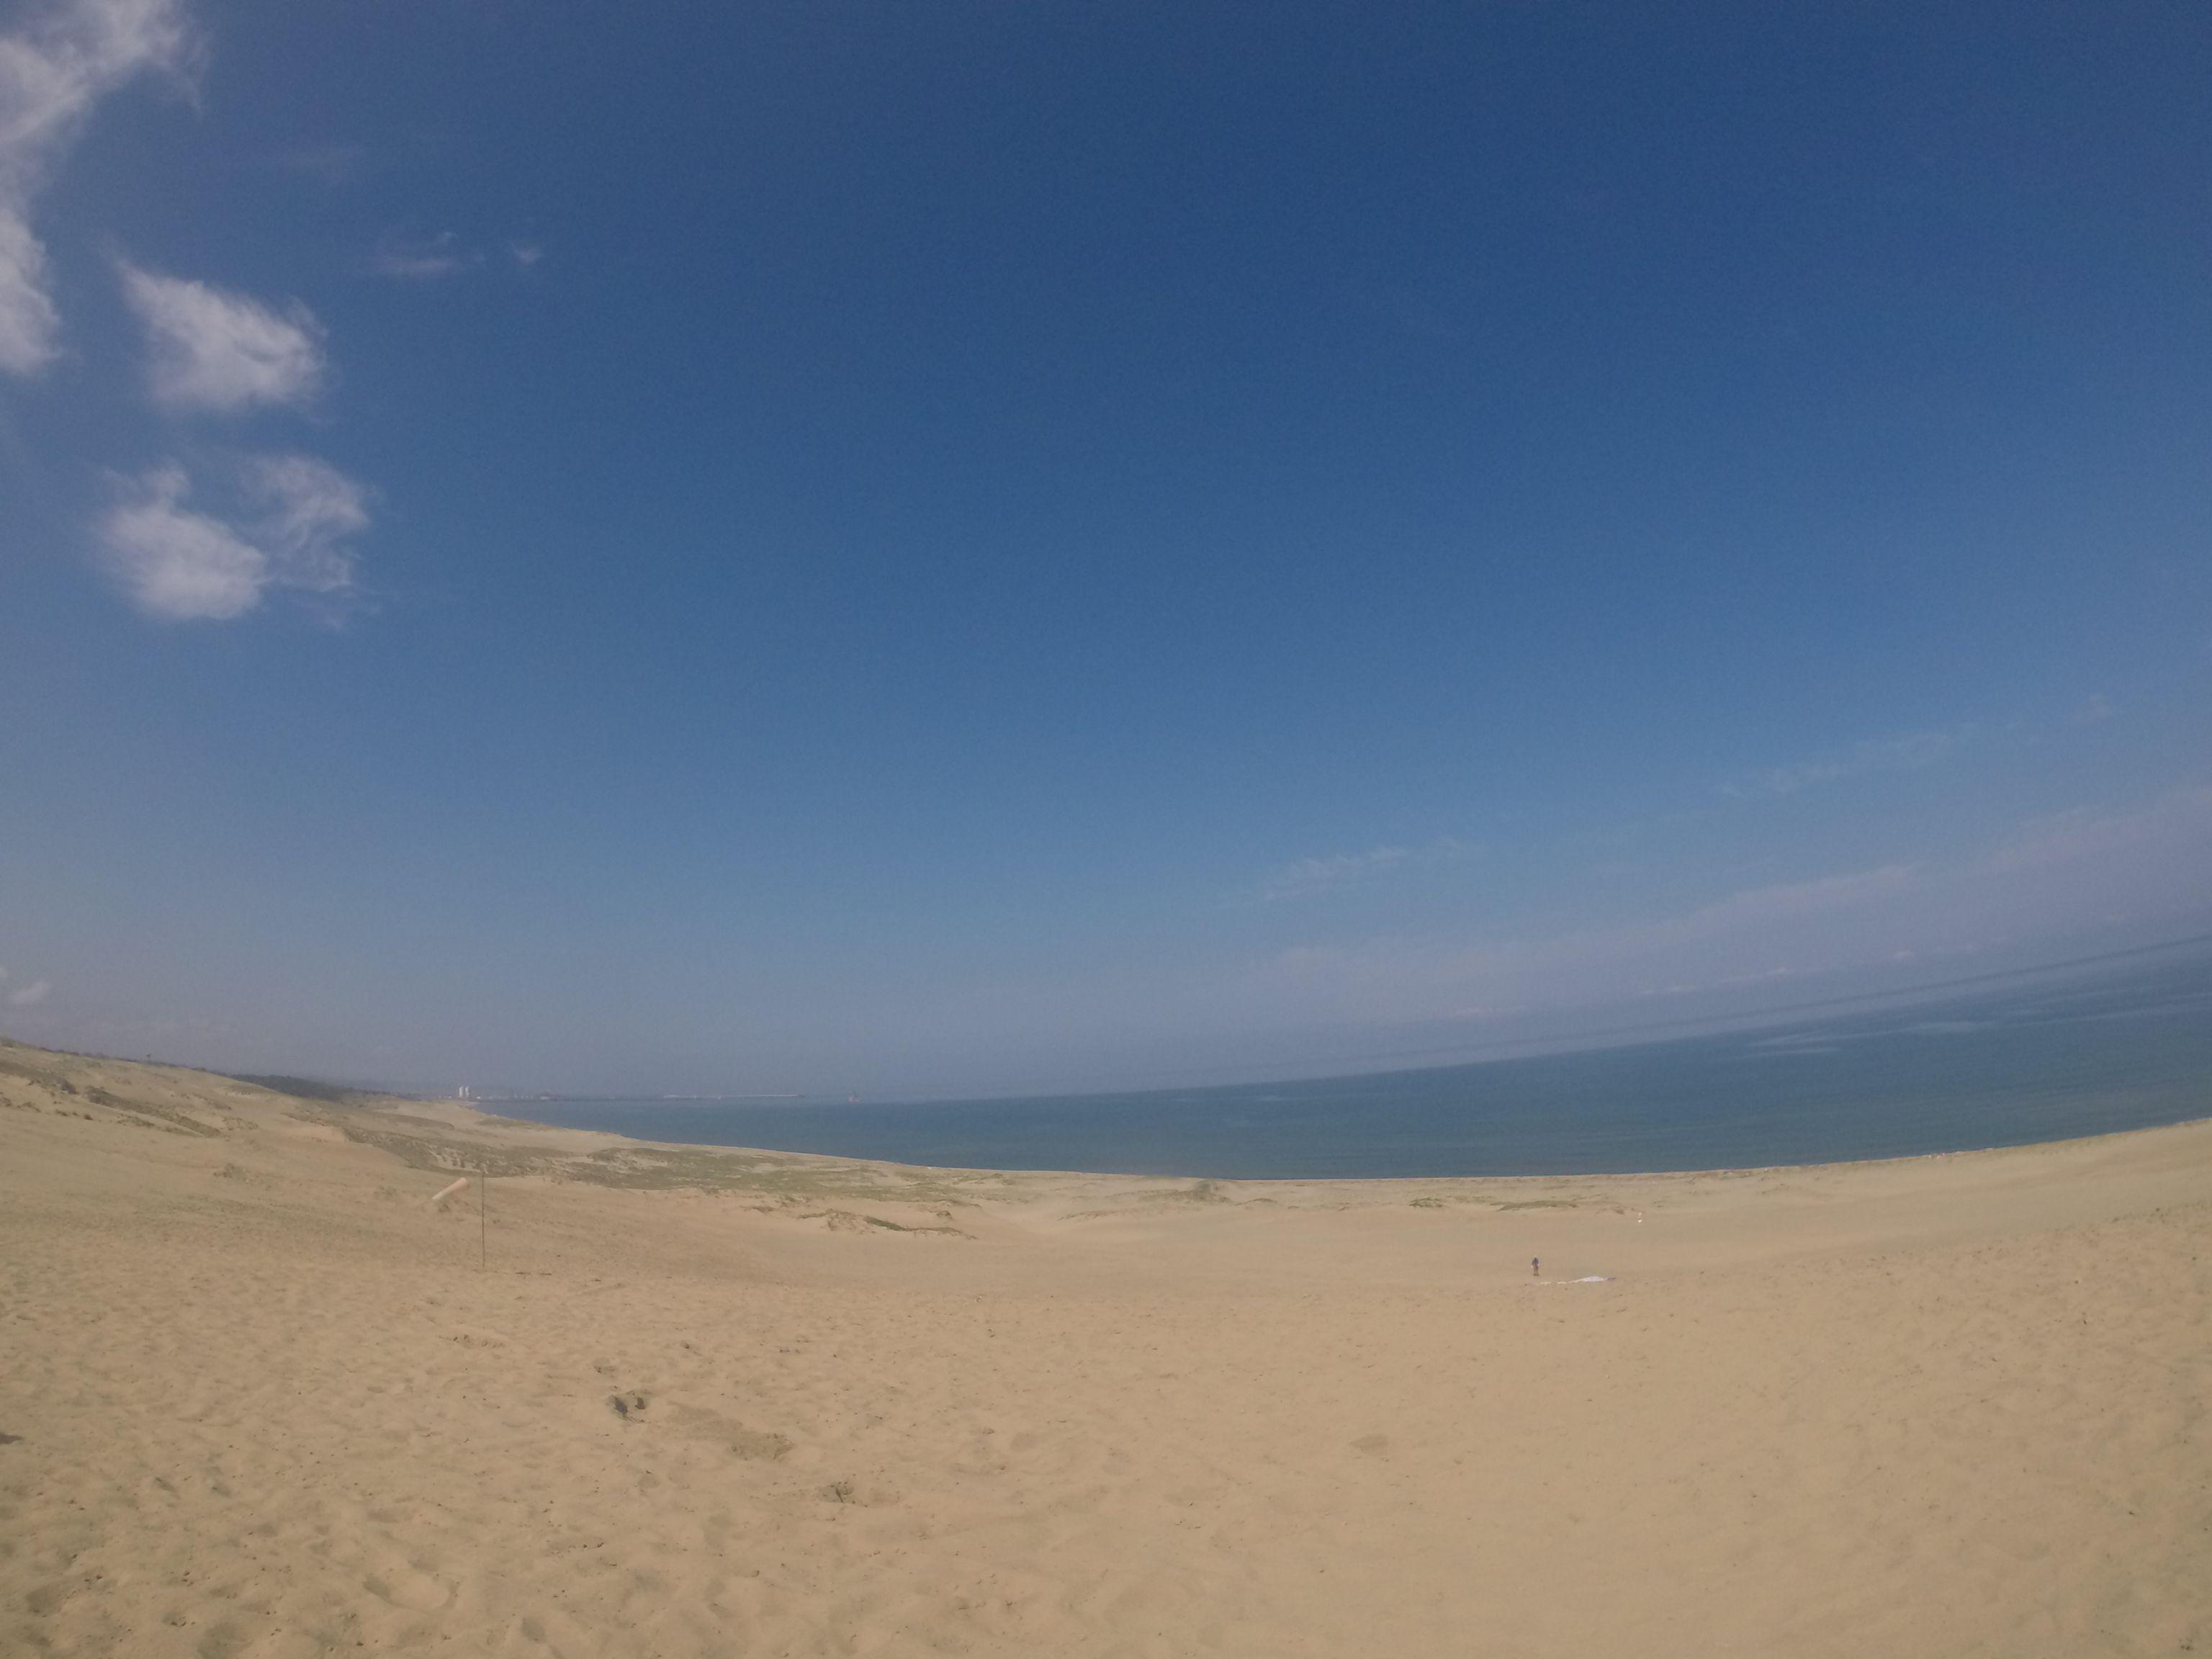 ここ最近では一番の青空となった鳥取砂丘